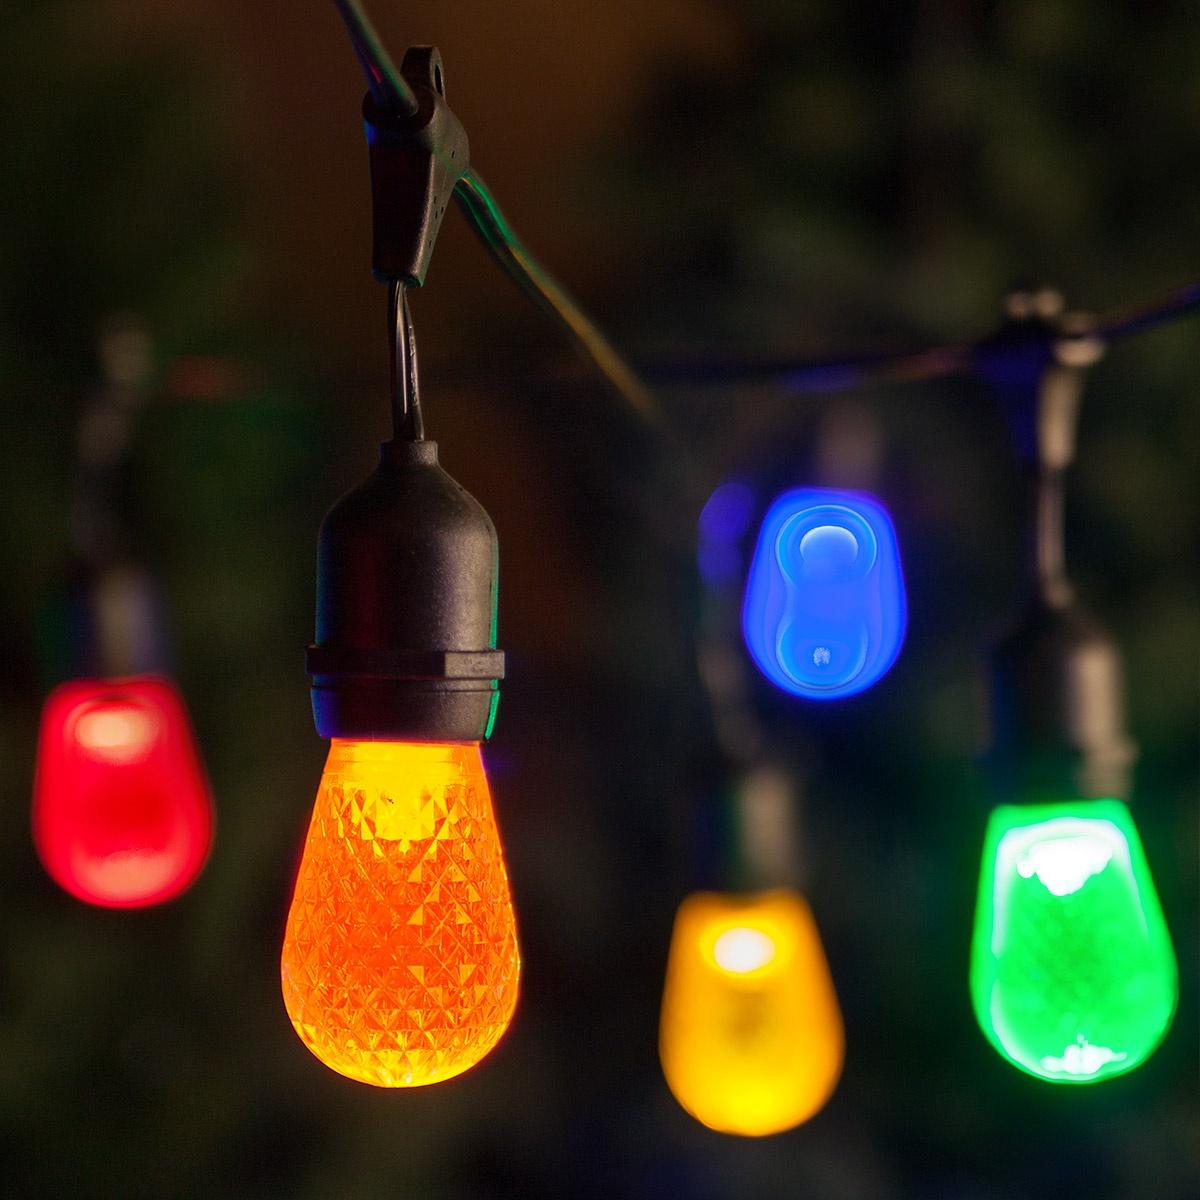 Led Christmas Lights C7